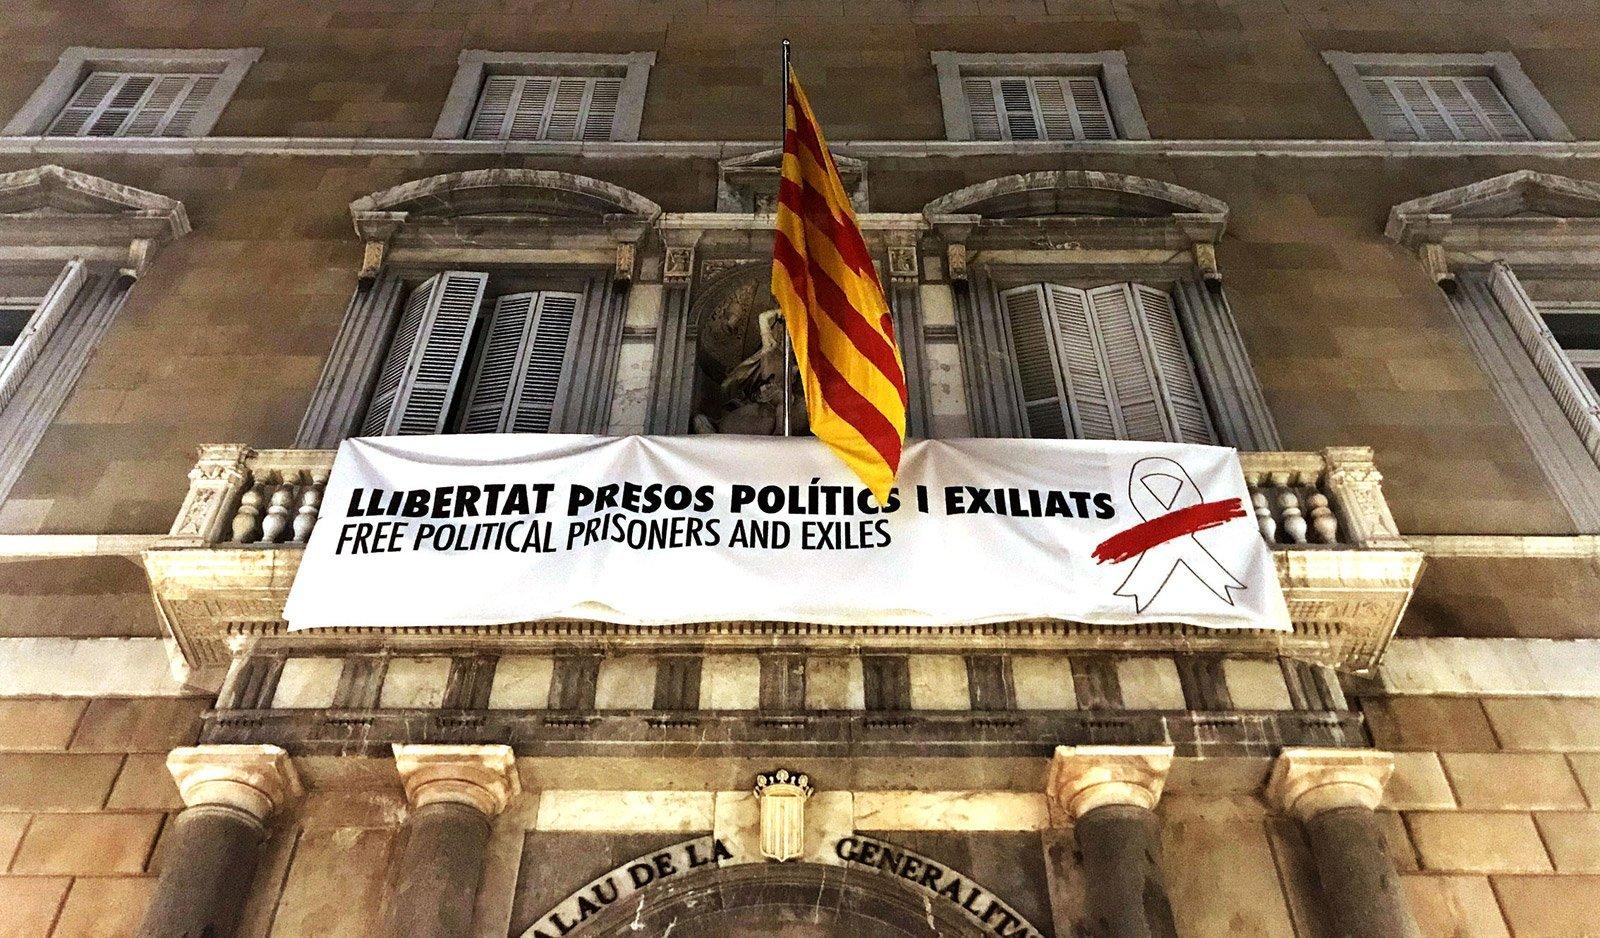 Pancarta alternativa, sense llaç groc, que posteriorment va ser canviada de nou després de la prohibició de la Junta Electoral © Xavier Jubierre